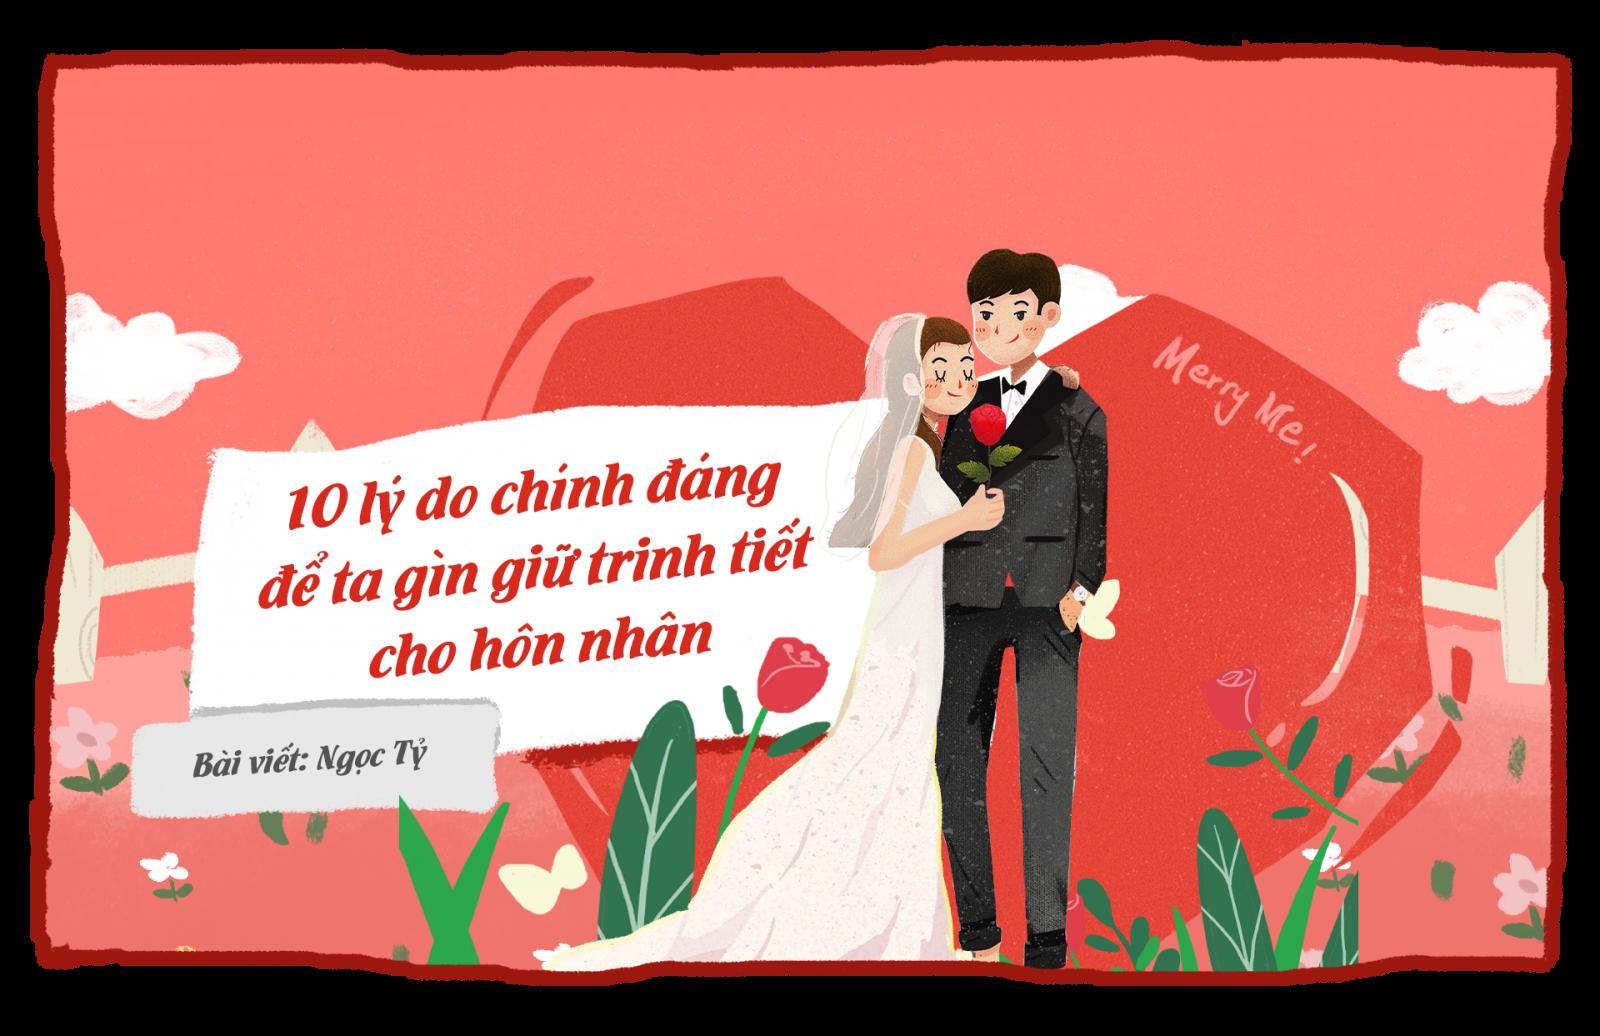 10 lý do chính đáng để ta gìn giữ trinh tiết trong hôn nhân